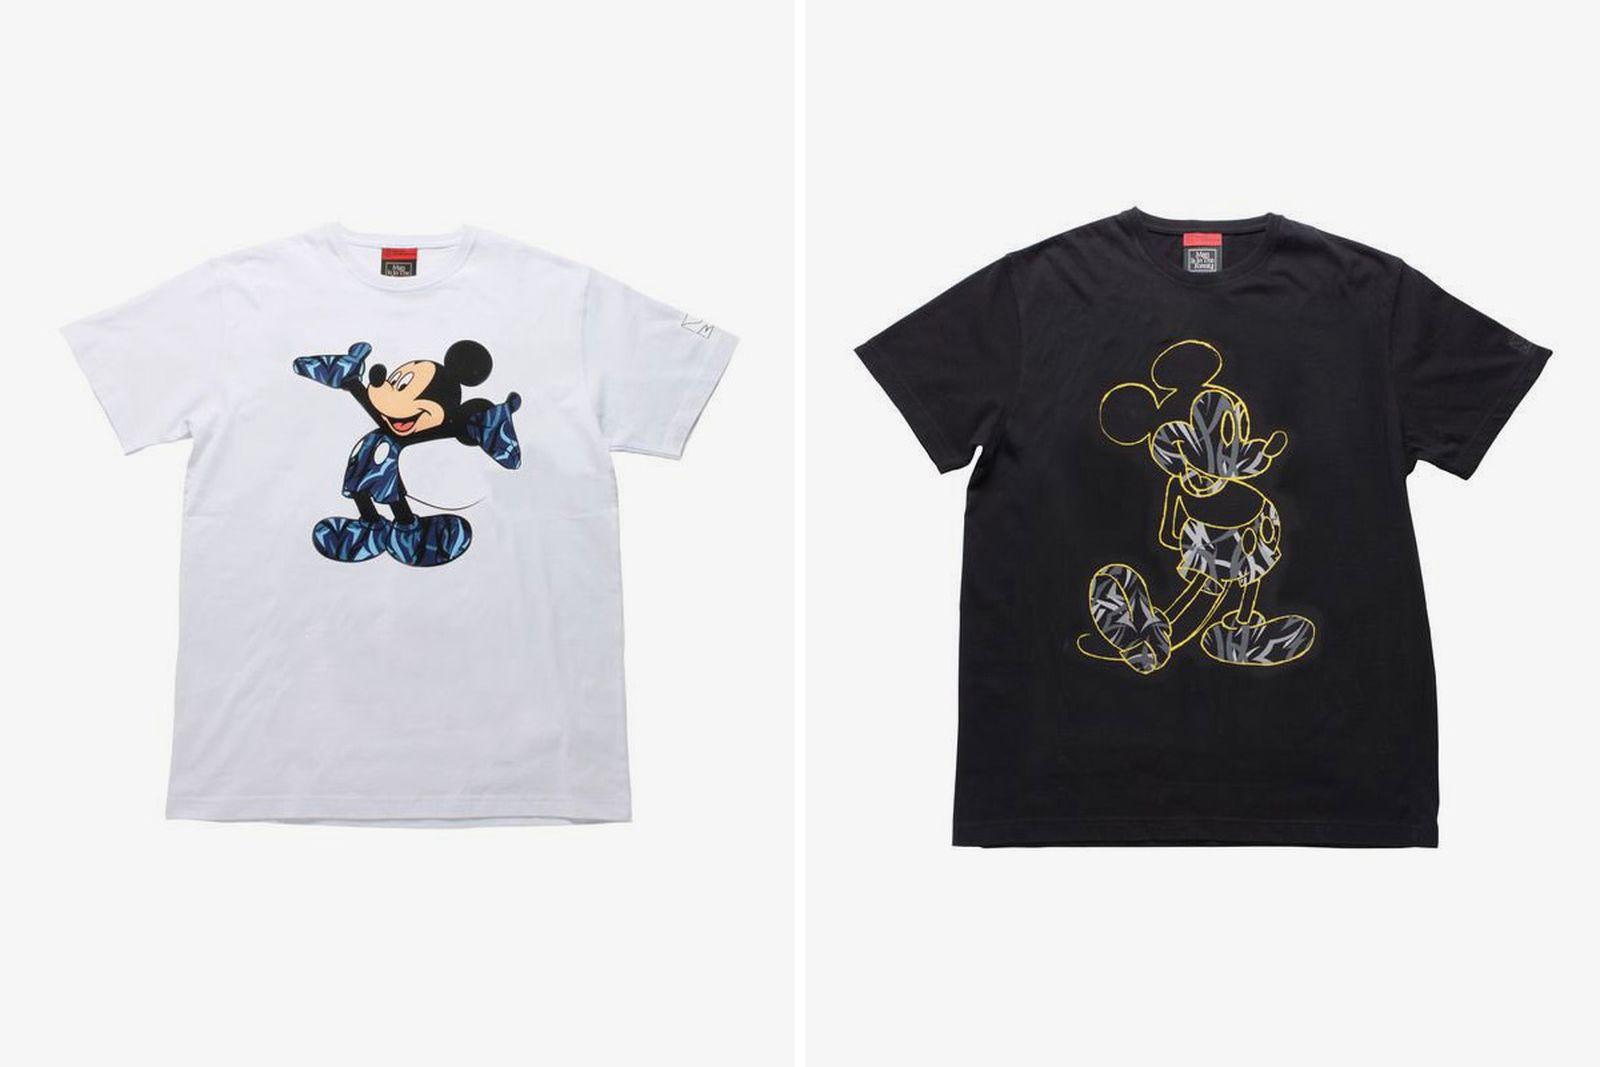 Disney-x-CLOT-x-Madsaki